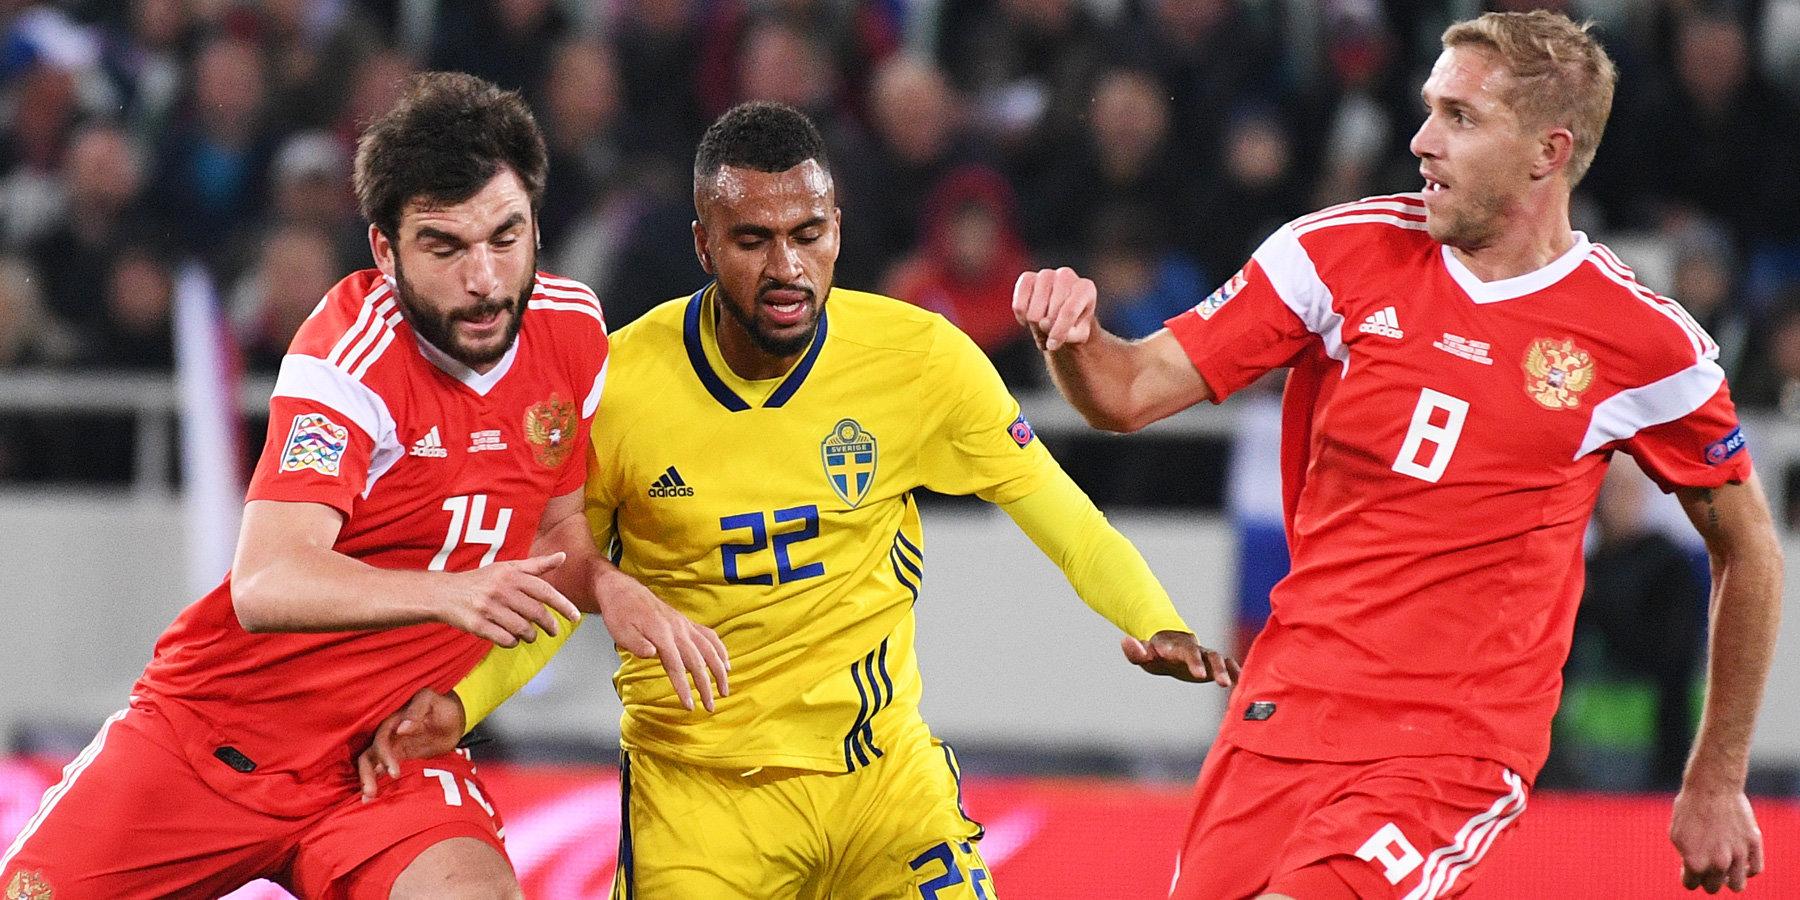 Сборная России дома сыграла вничью со Швецией в Лиге наций